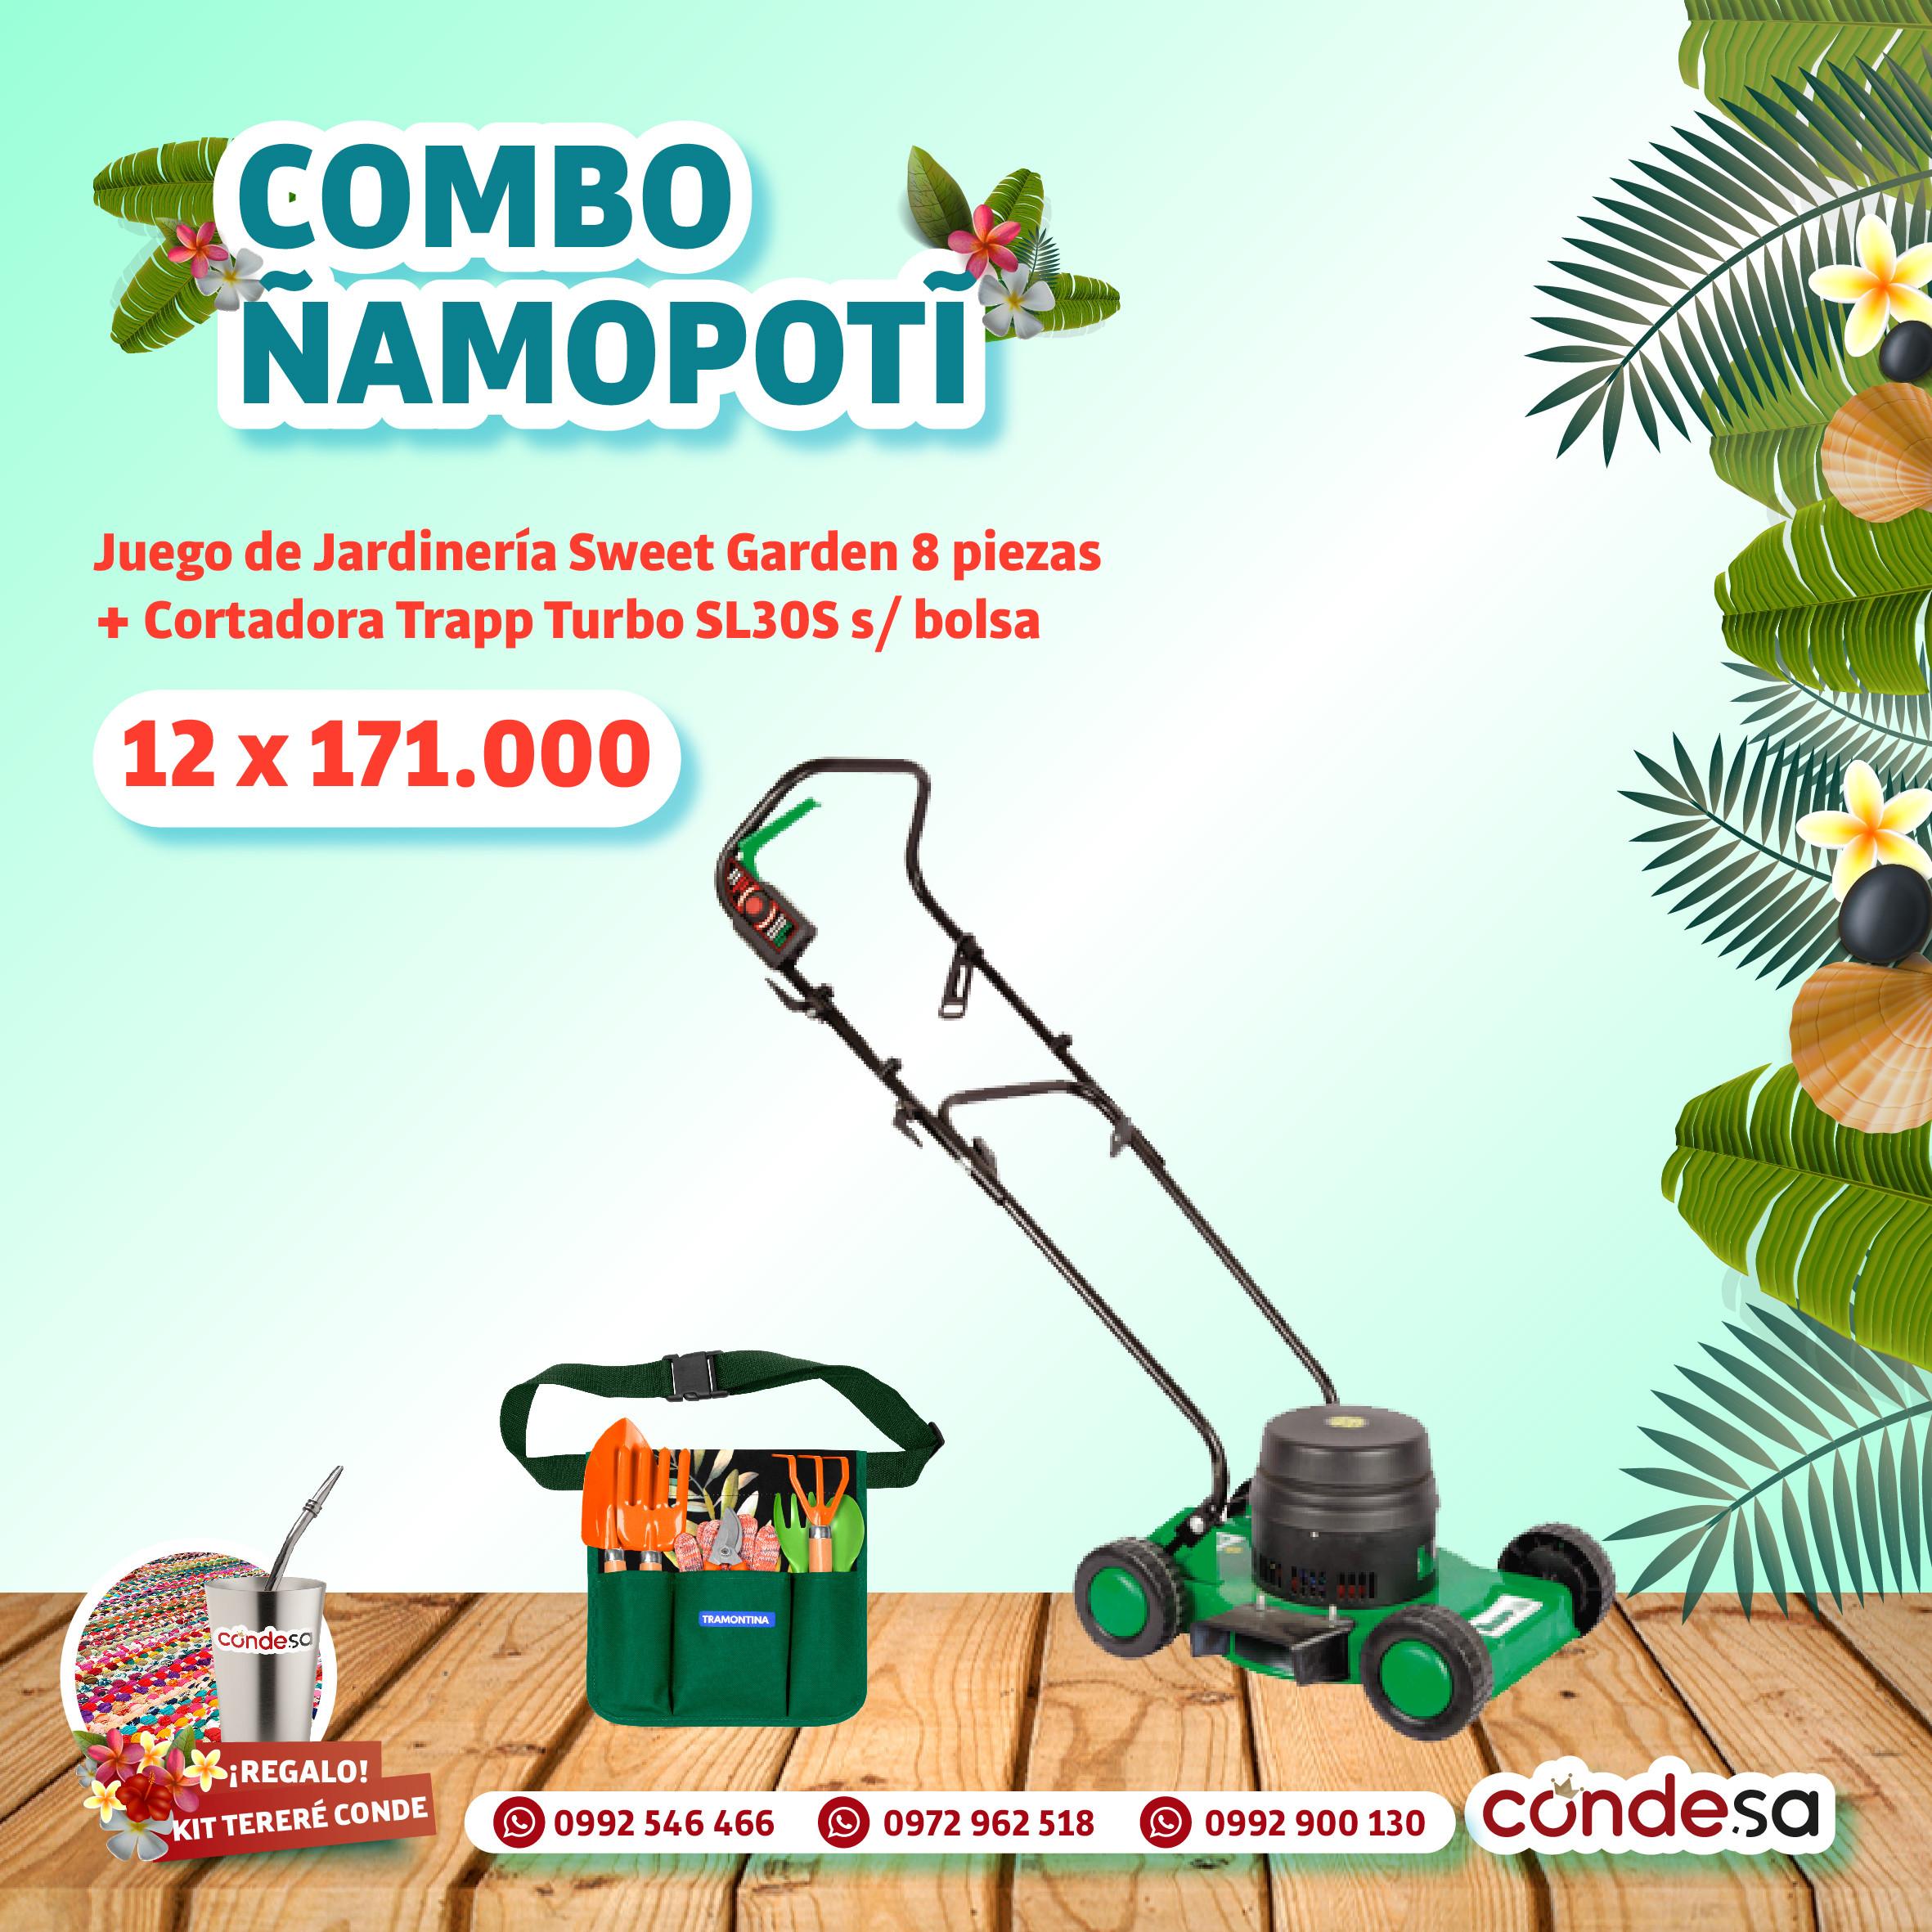 Combo Ñamopotī